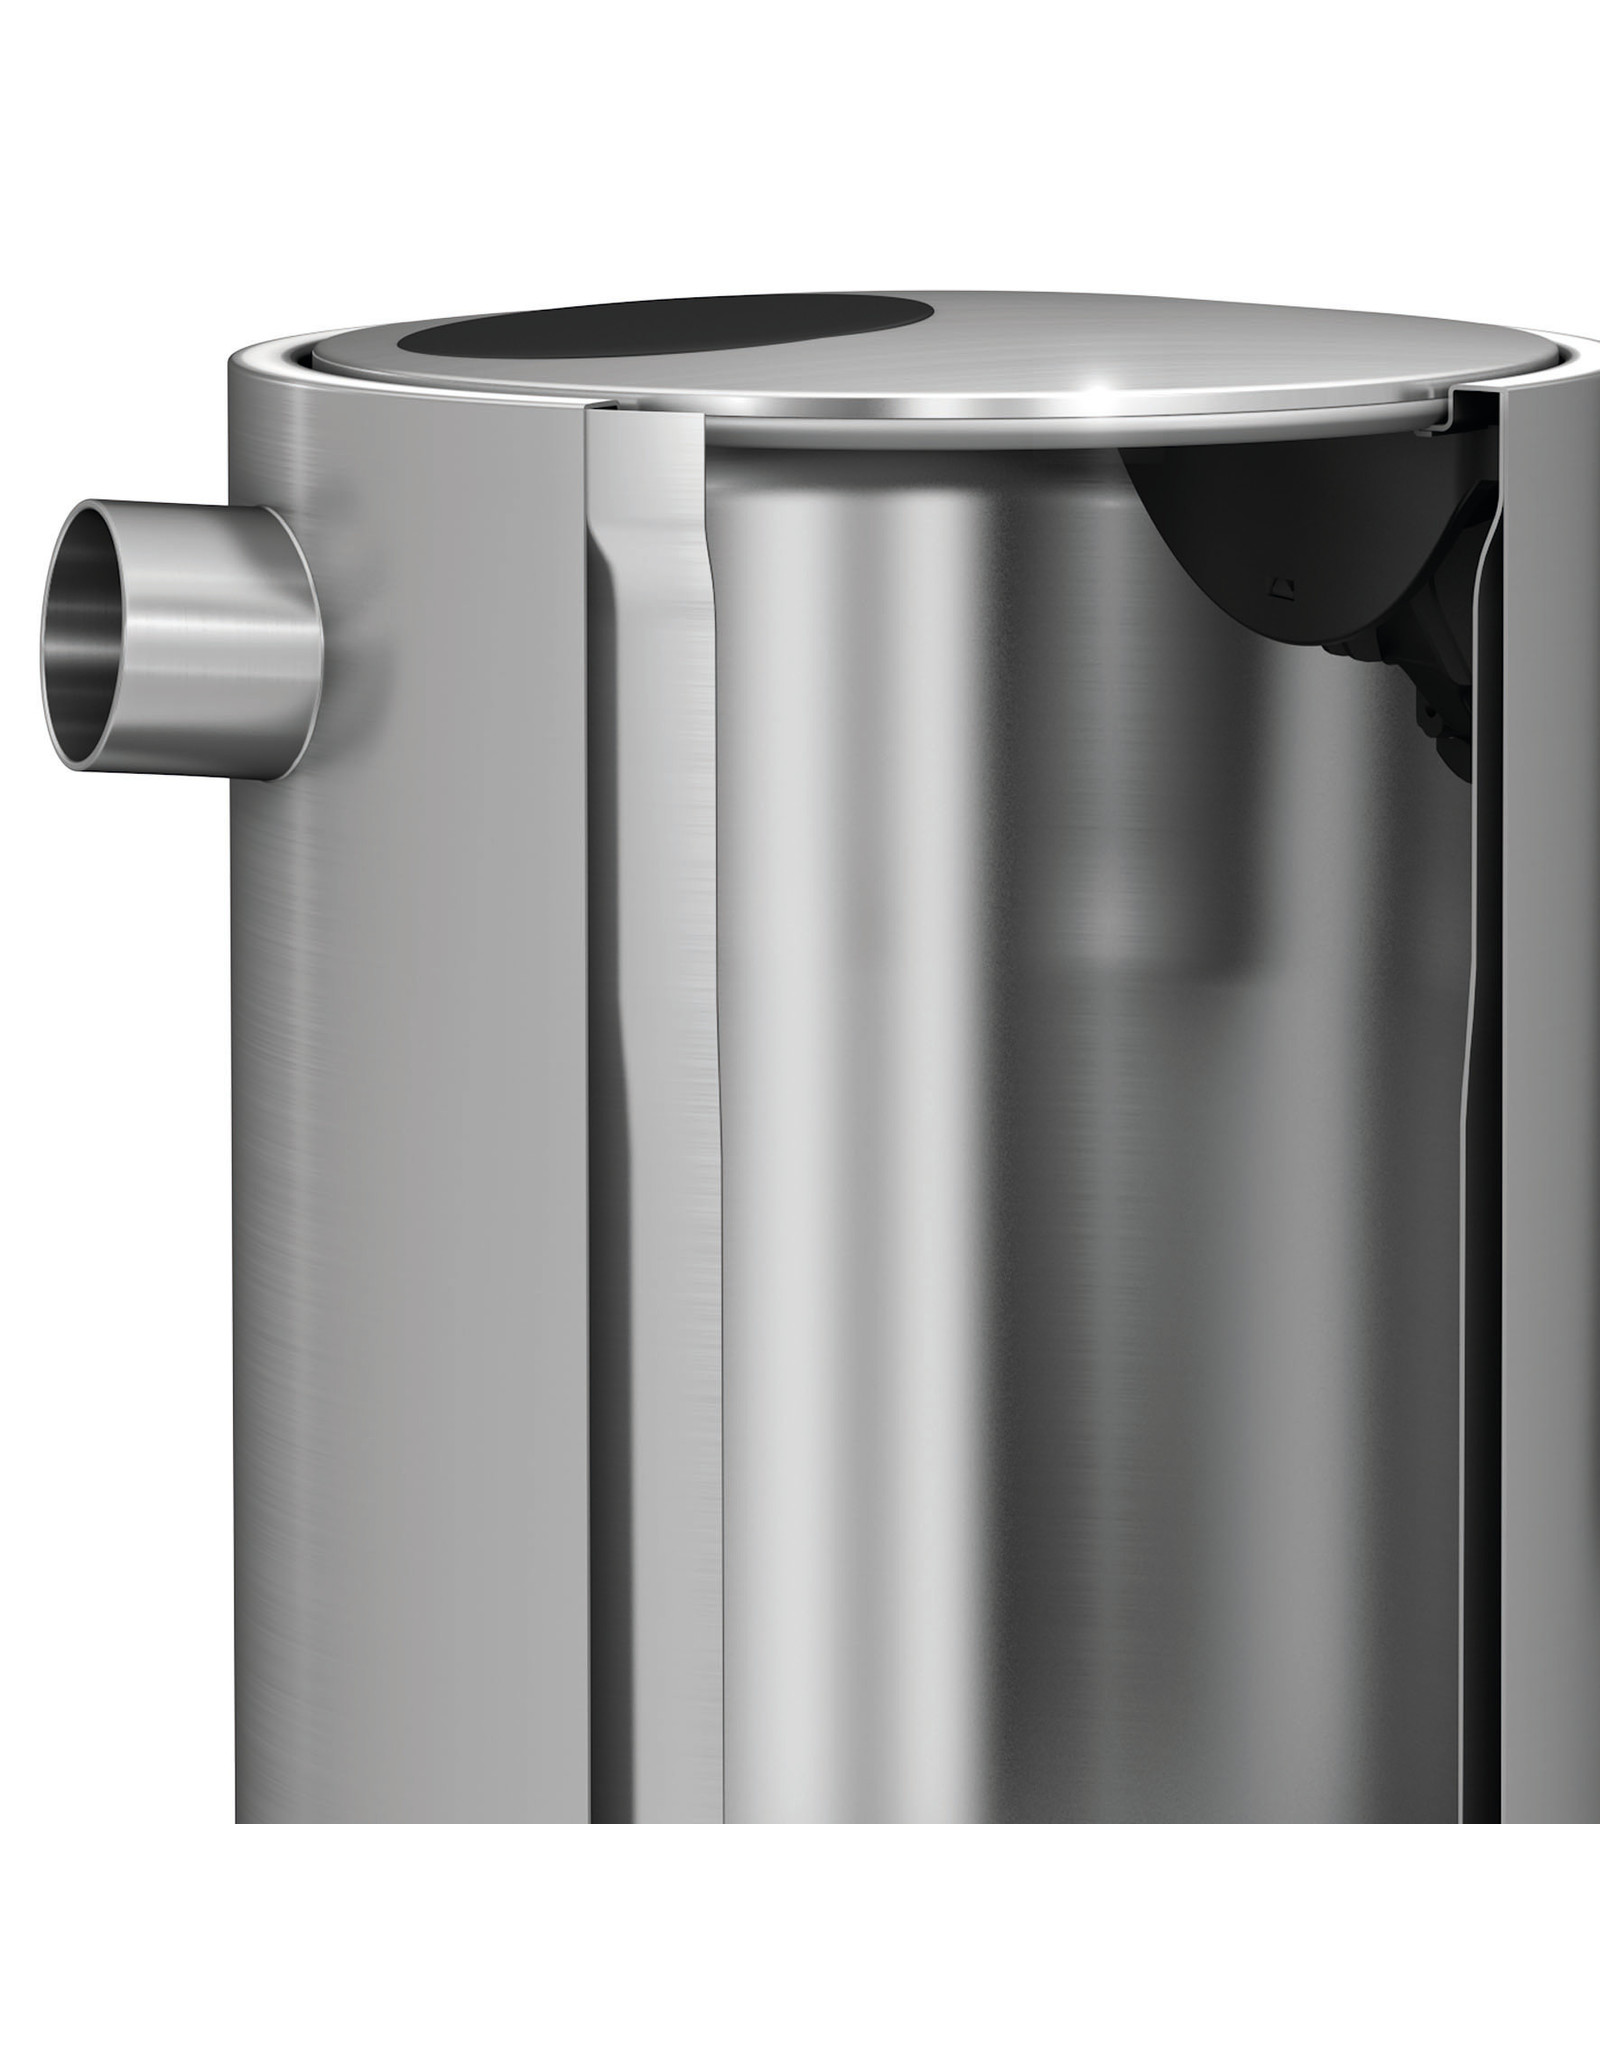 GRAEF GRAEF WATERKOKER 1.2 LTR. 46900 RVS